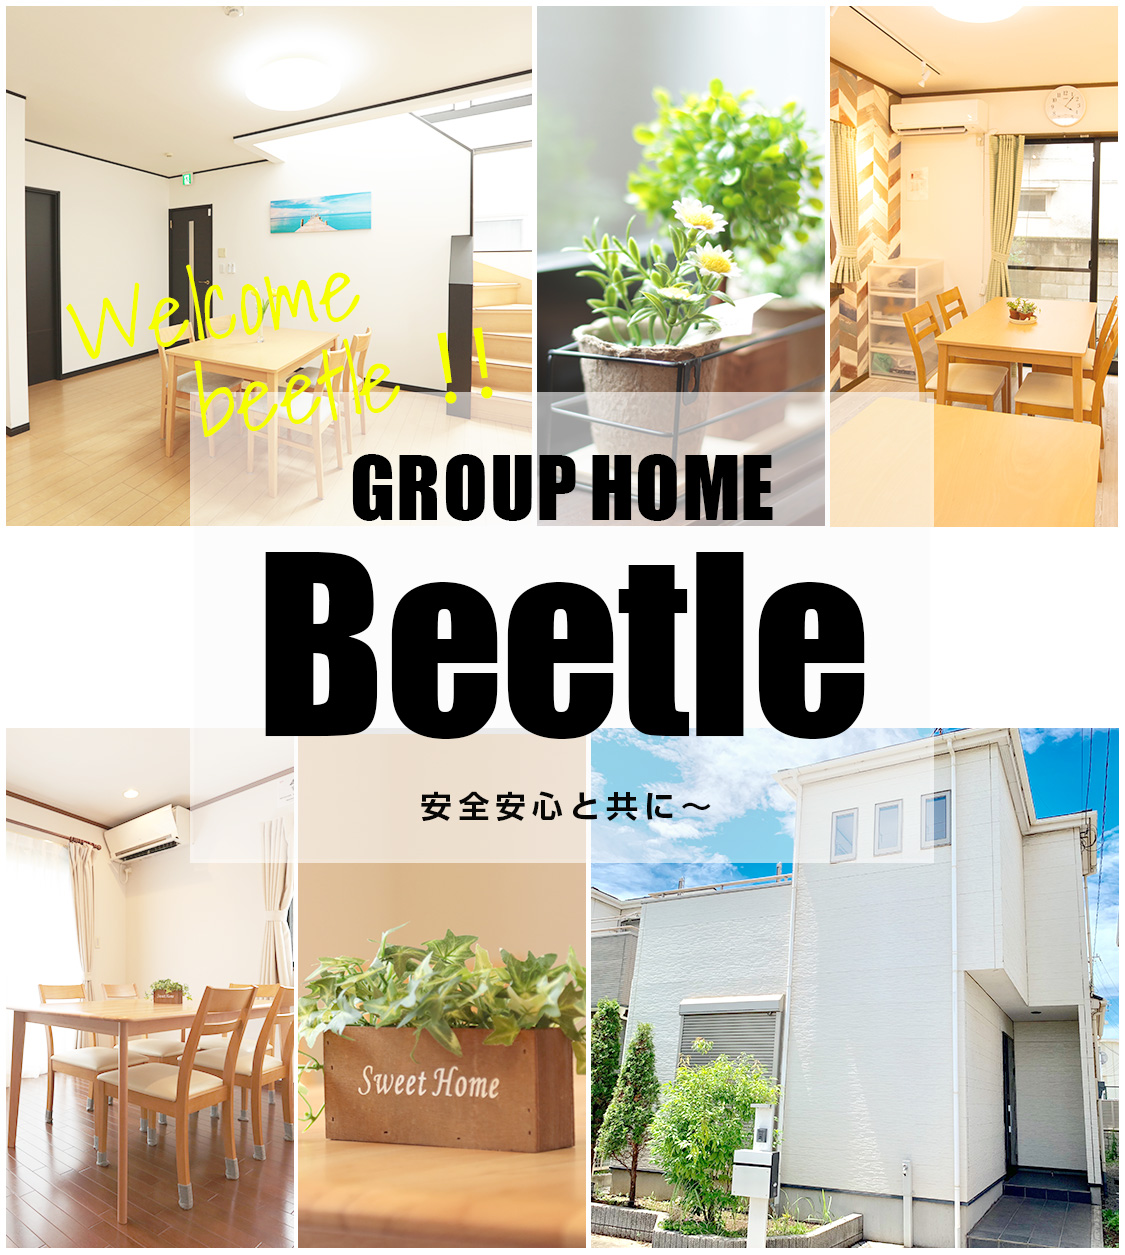 GROPHOME Beetle